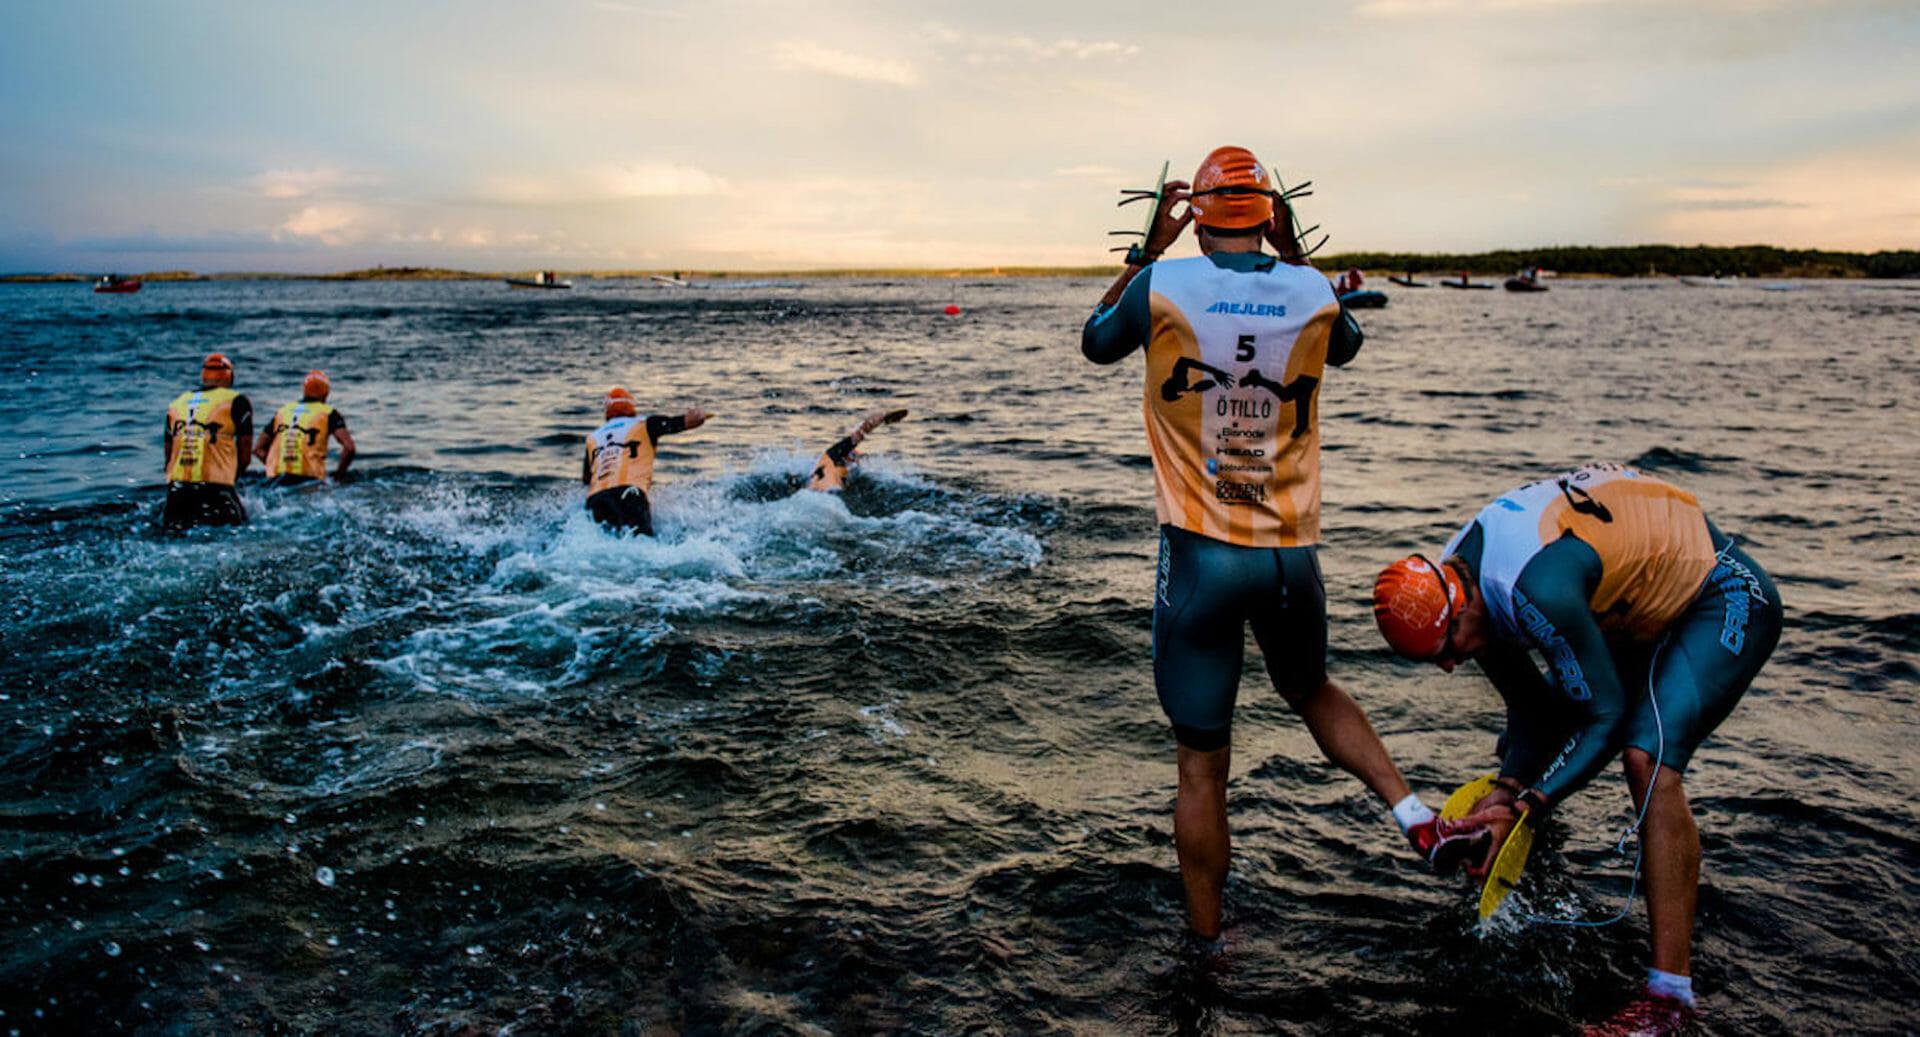 Les 10 épreuves les plus extrêmes au monde